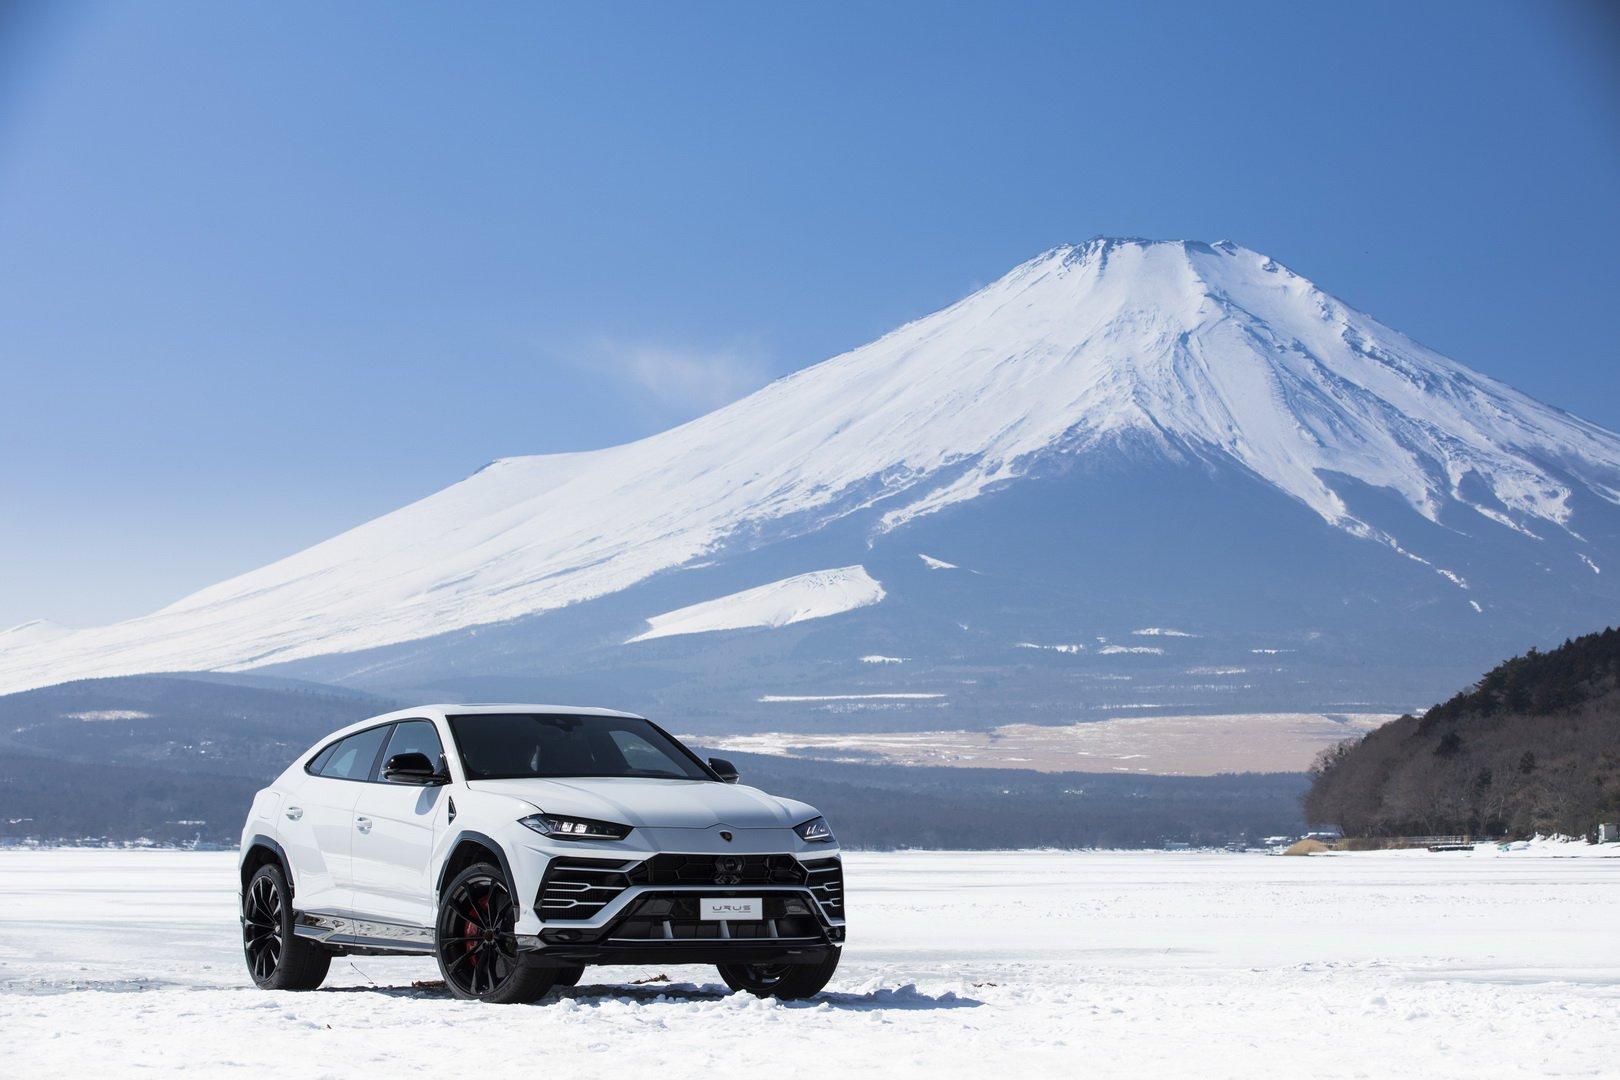 Lamborghini limitará la producción a 8000 unidades en 2020